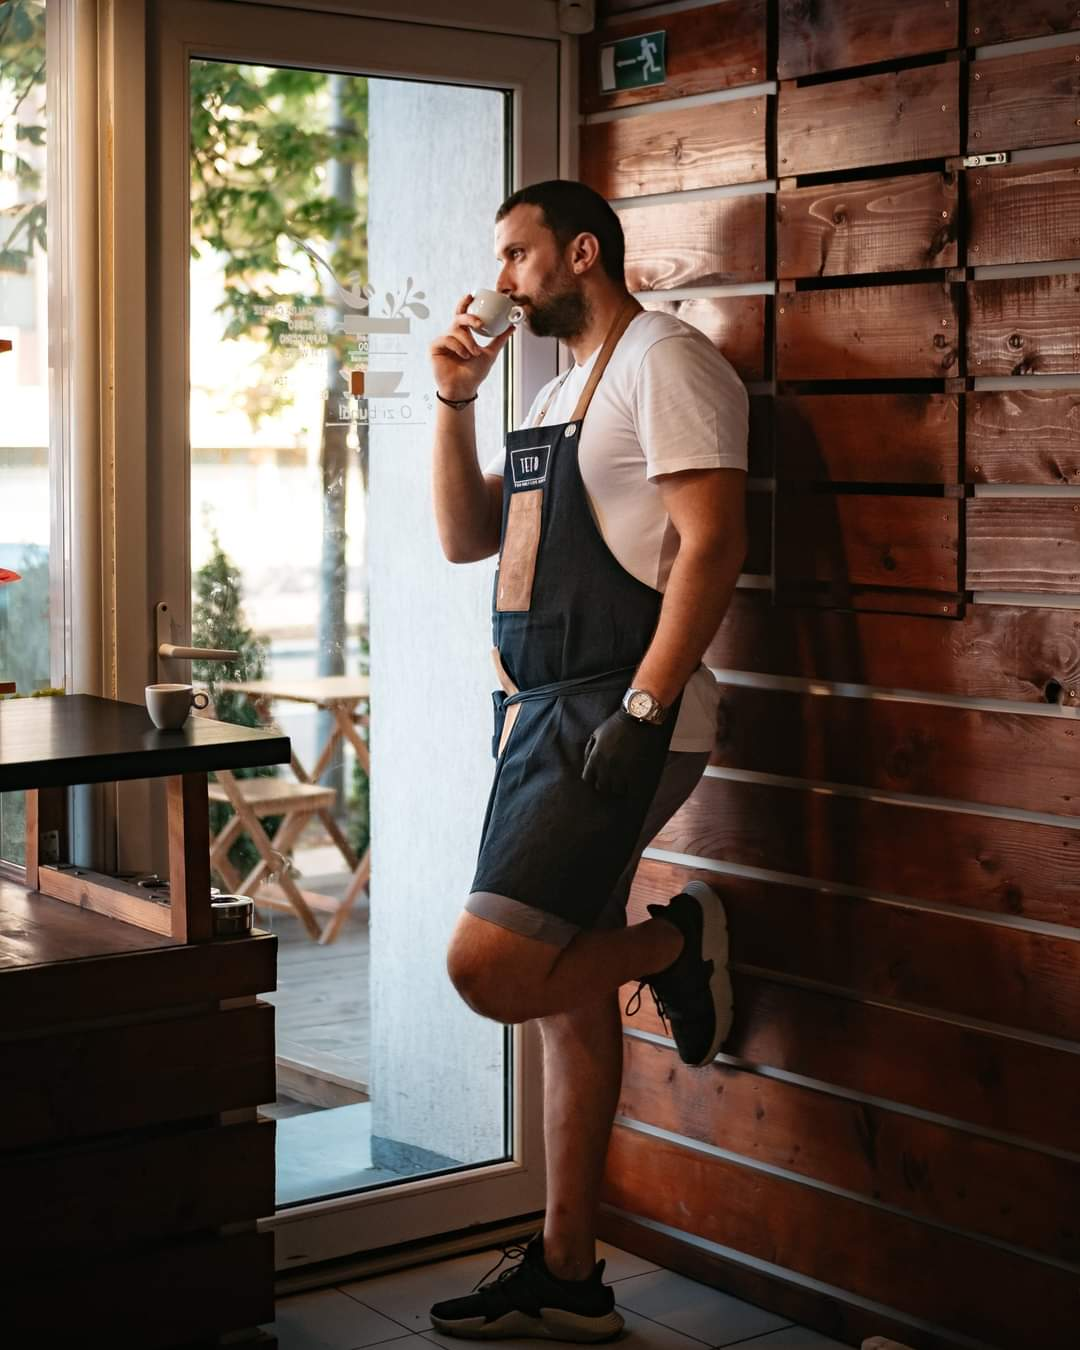 Azi la ''AFACEREA DE DUMINICA'' discutam cu Madalin Moroianu omul din spatele cafenelelor Magnolia si Moro!!